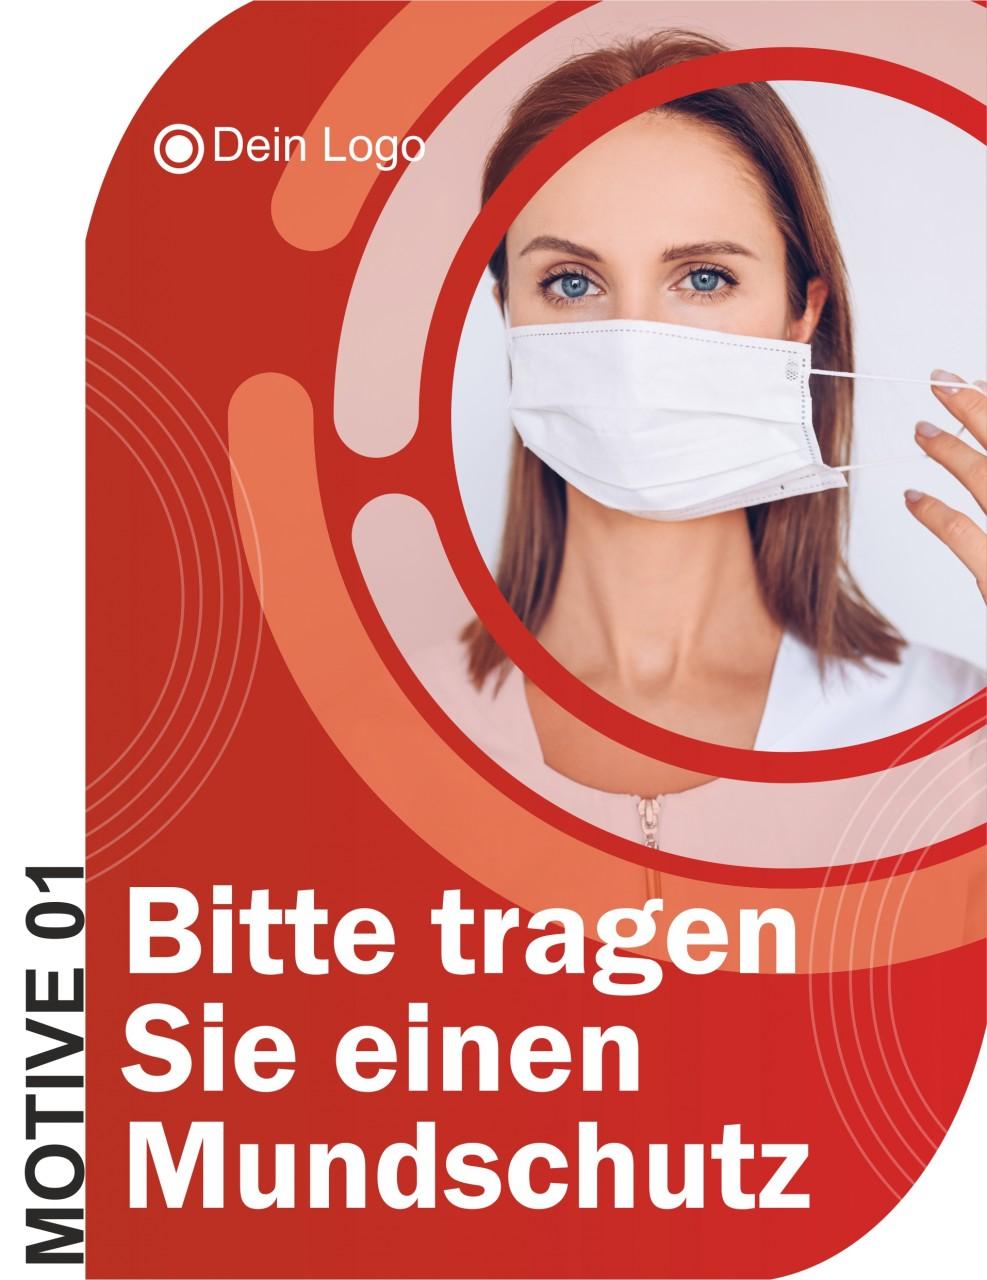 Maskenpflicht Aufkleber / Mund-Nasen-Schutz Aufkleber A5